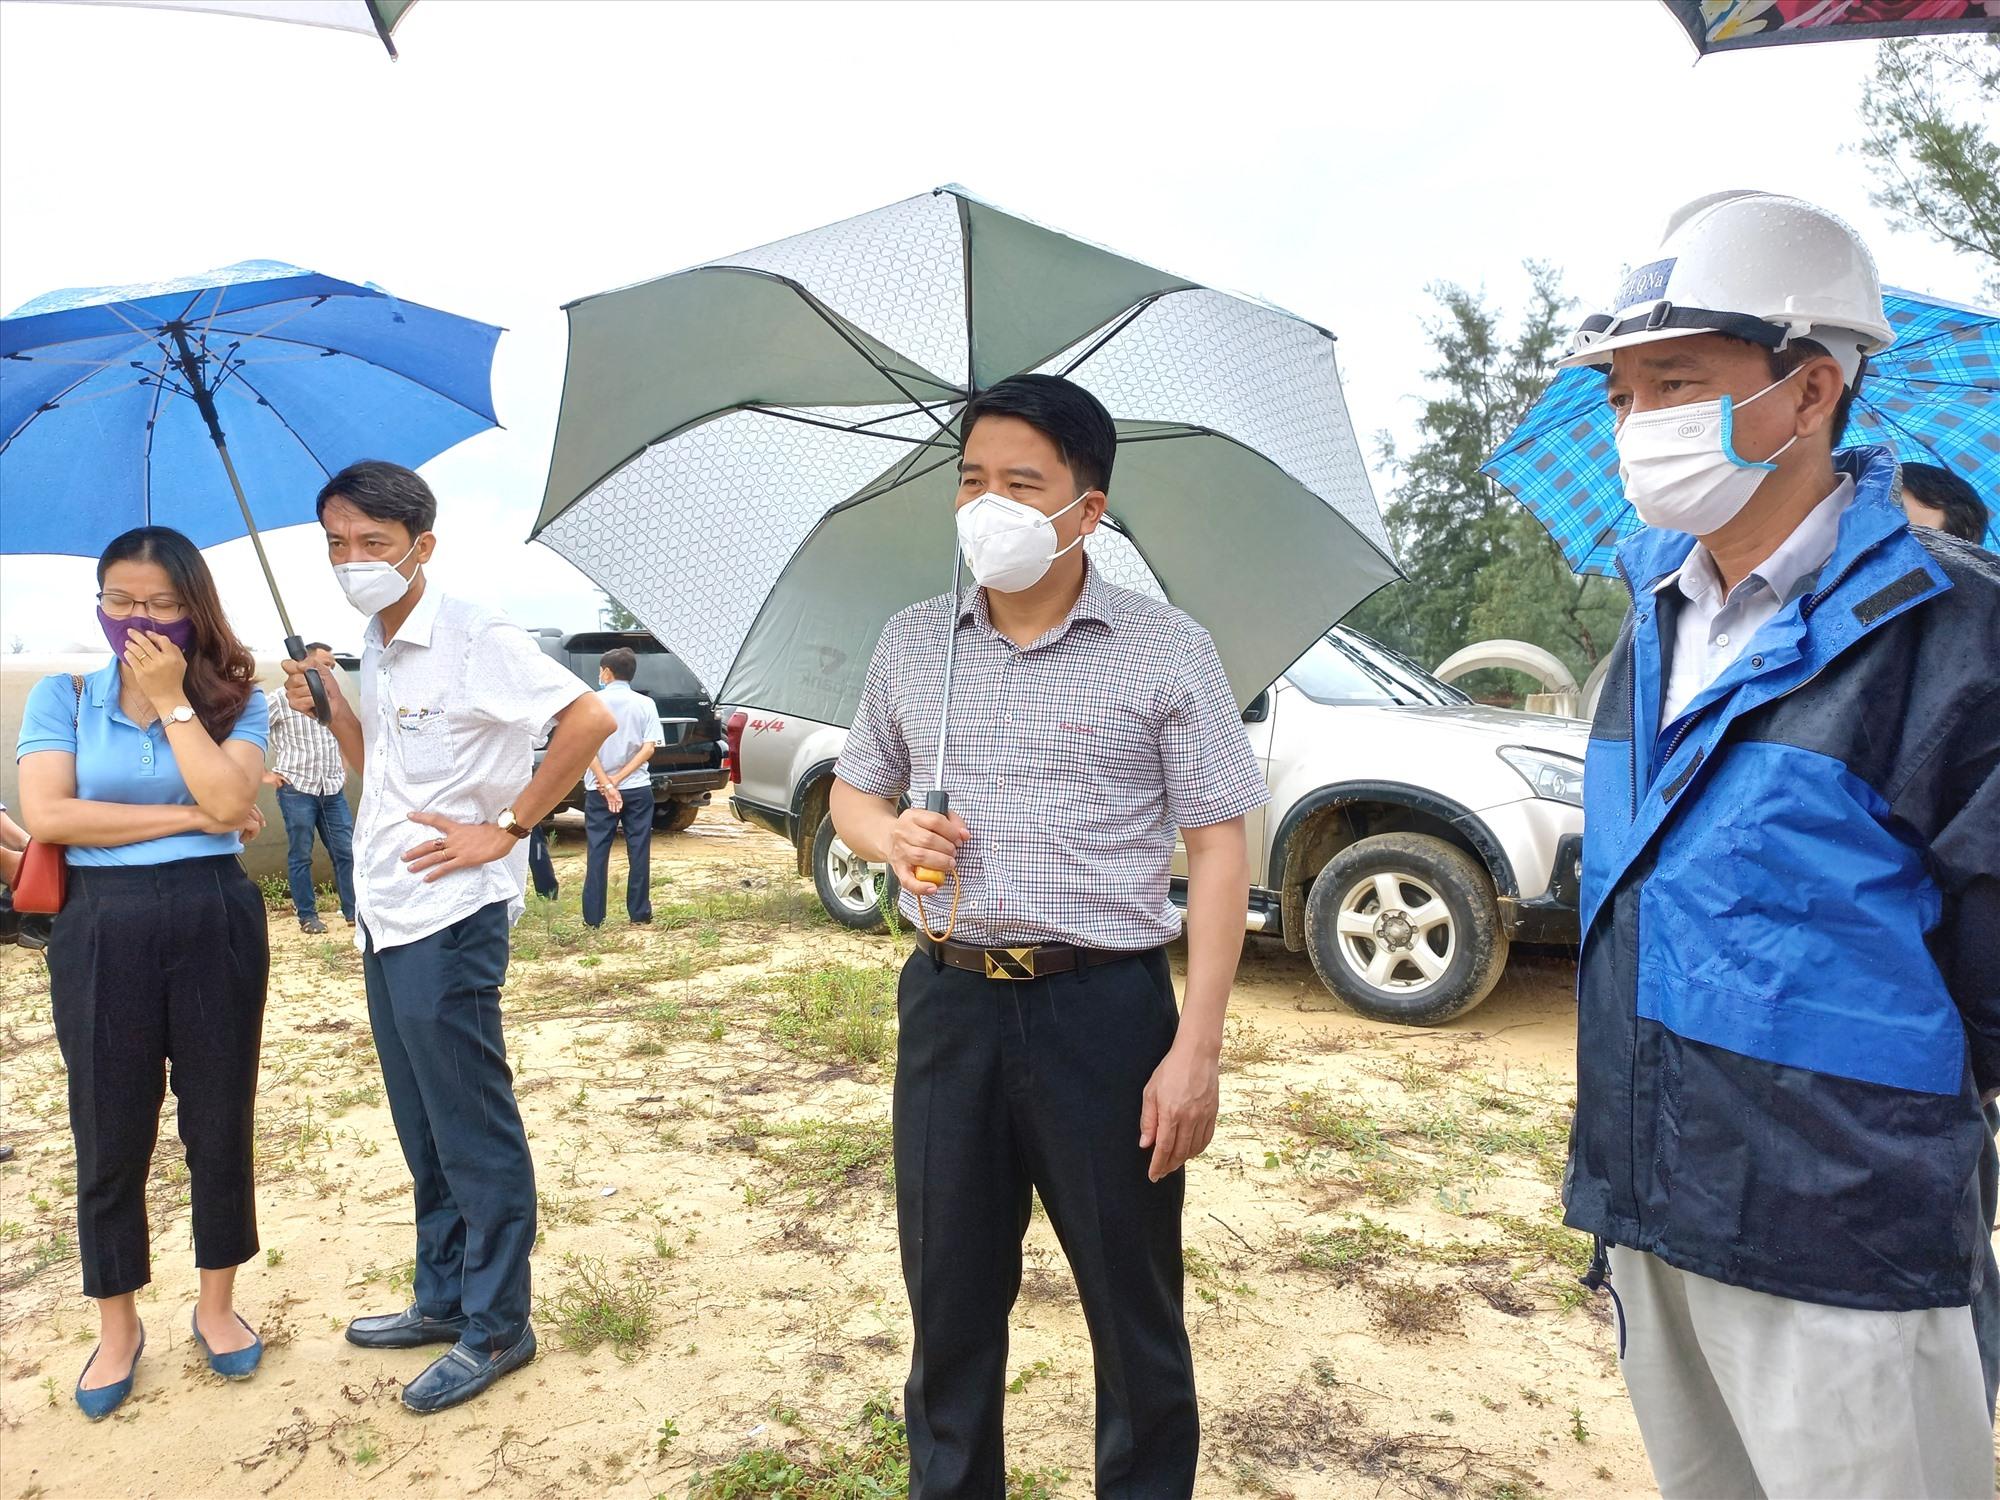 Phó Chủ tịch UBND tỉnh Trần Văn Tân kiểm tra vướng mắc GPMB tuyến thoát nước số 6. Ảnh: CT